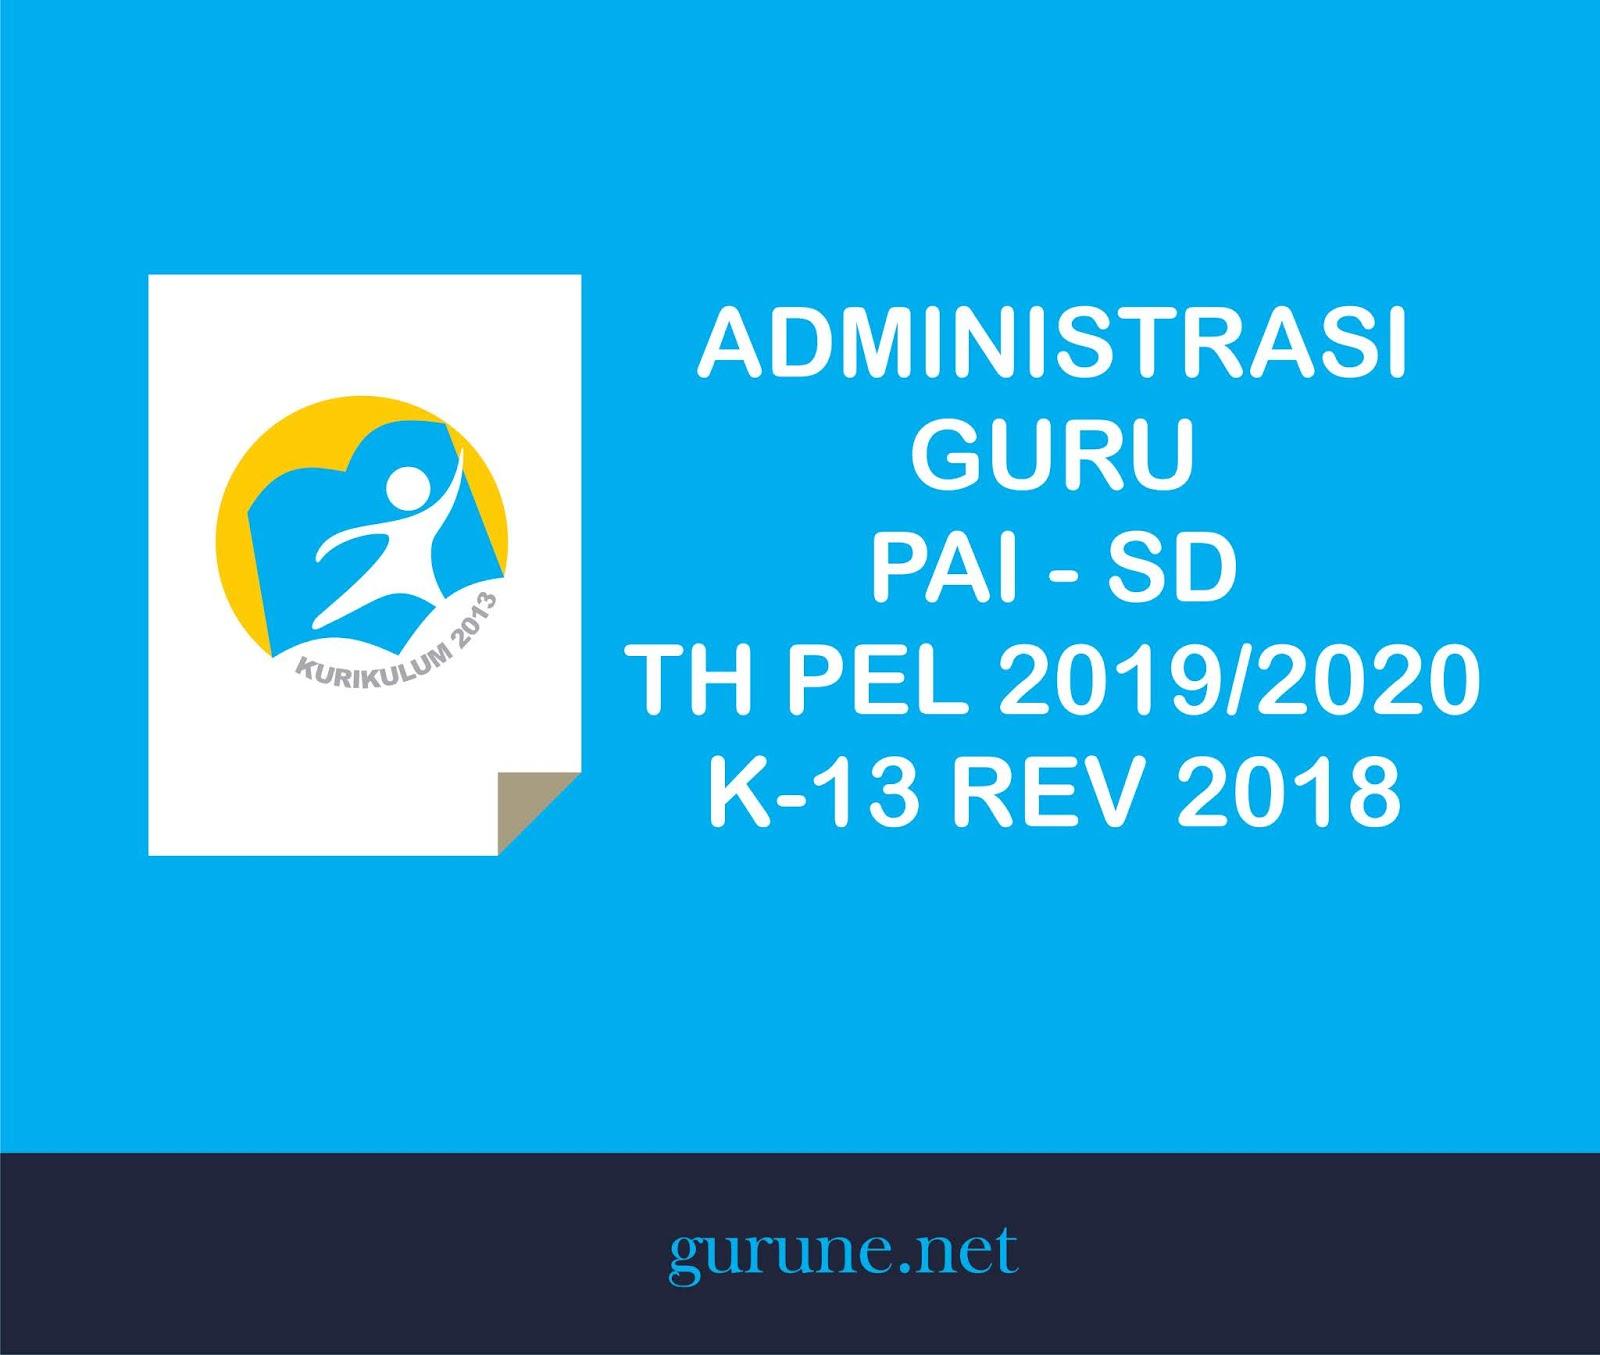 Administrasi Guru Pai Sd Tahun Pelajaran 2019 2020 K 13 Revisi Tahun 2018 Kelas 1 2 3 4 5 6 Gurune Net